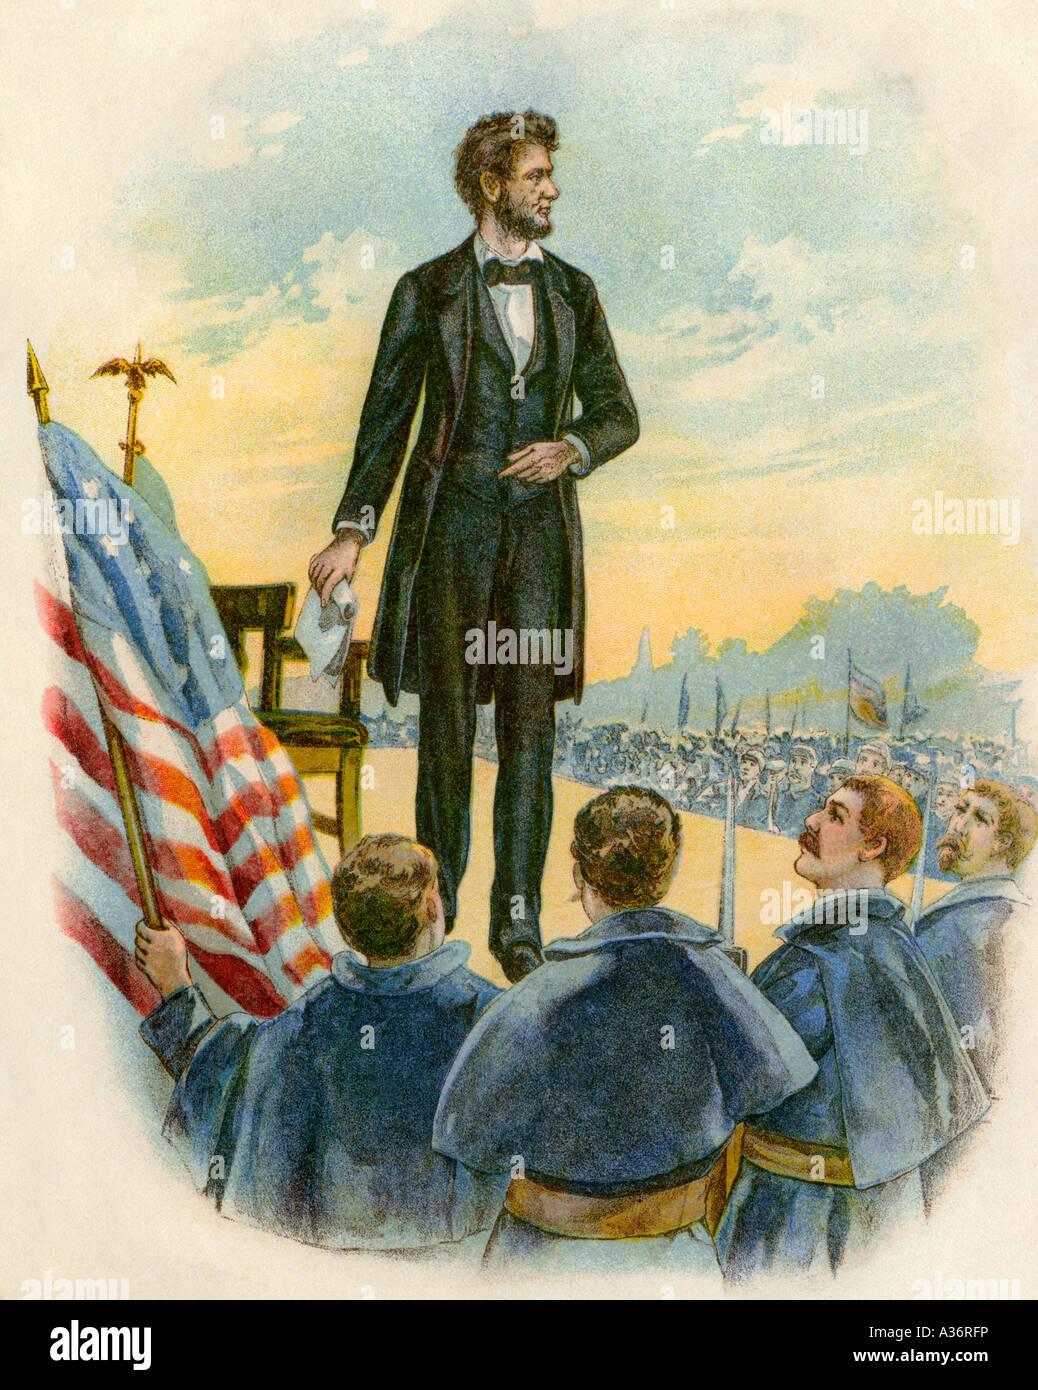 Il presidente Abraham Lincoln fornendo l'indirizzo di Gettysburg sul campo di battaglia durante la Guerra Civile Immagini Stock